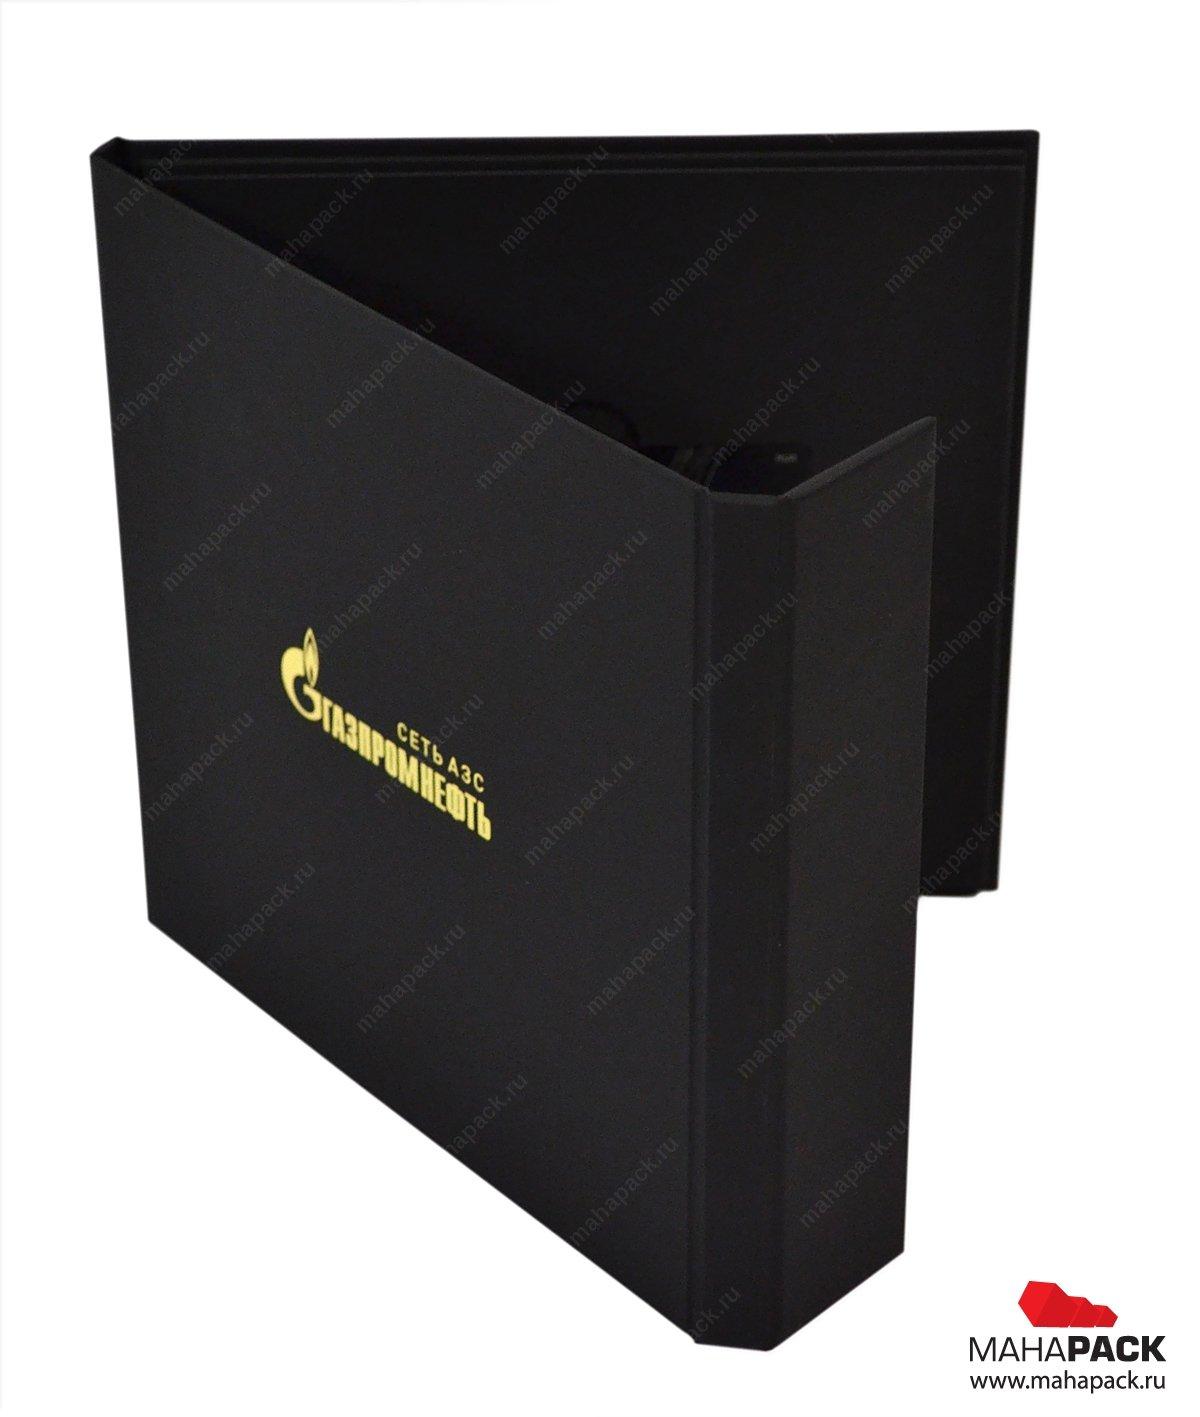 Производство упаковки для пластиковой карты на заказ